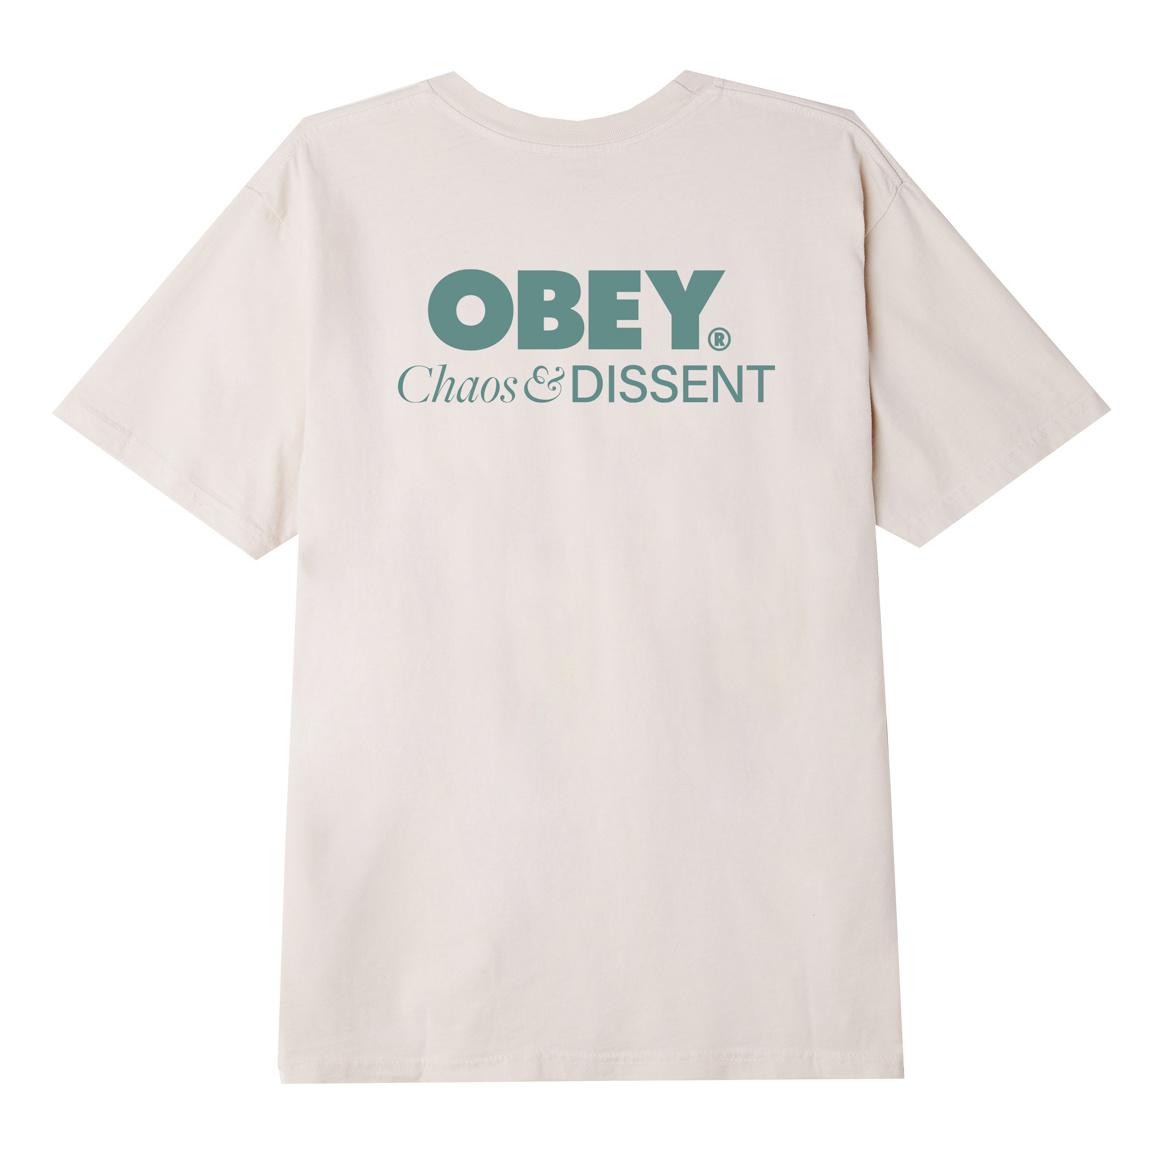 Chaos & Dissent T-shirt-1